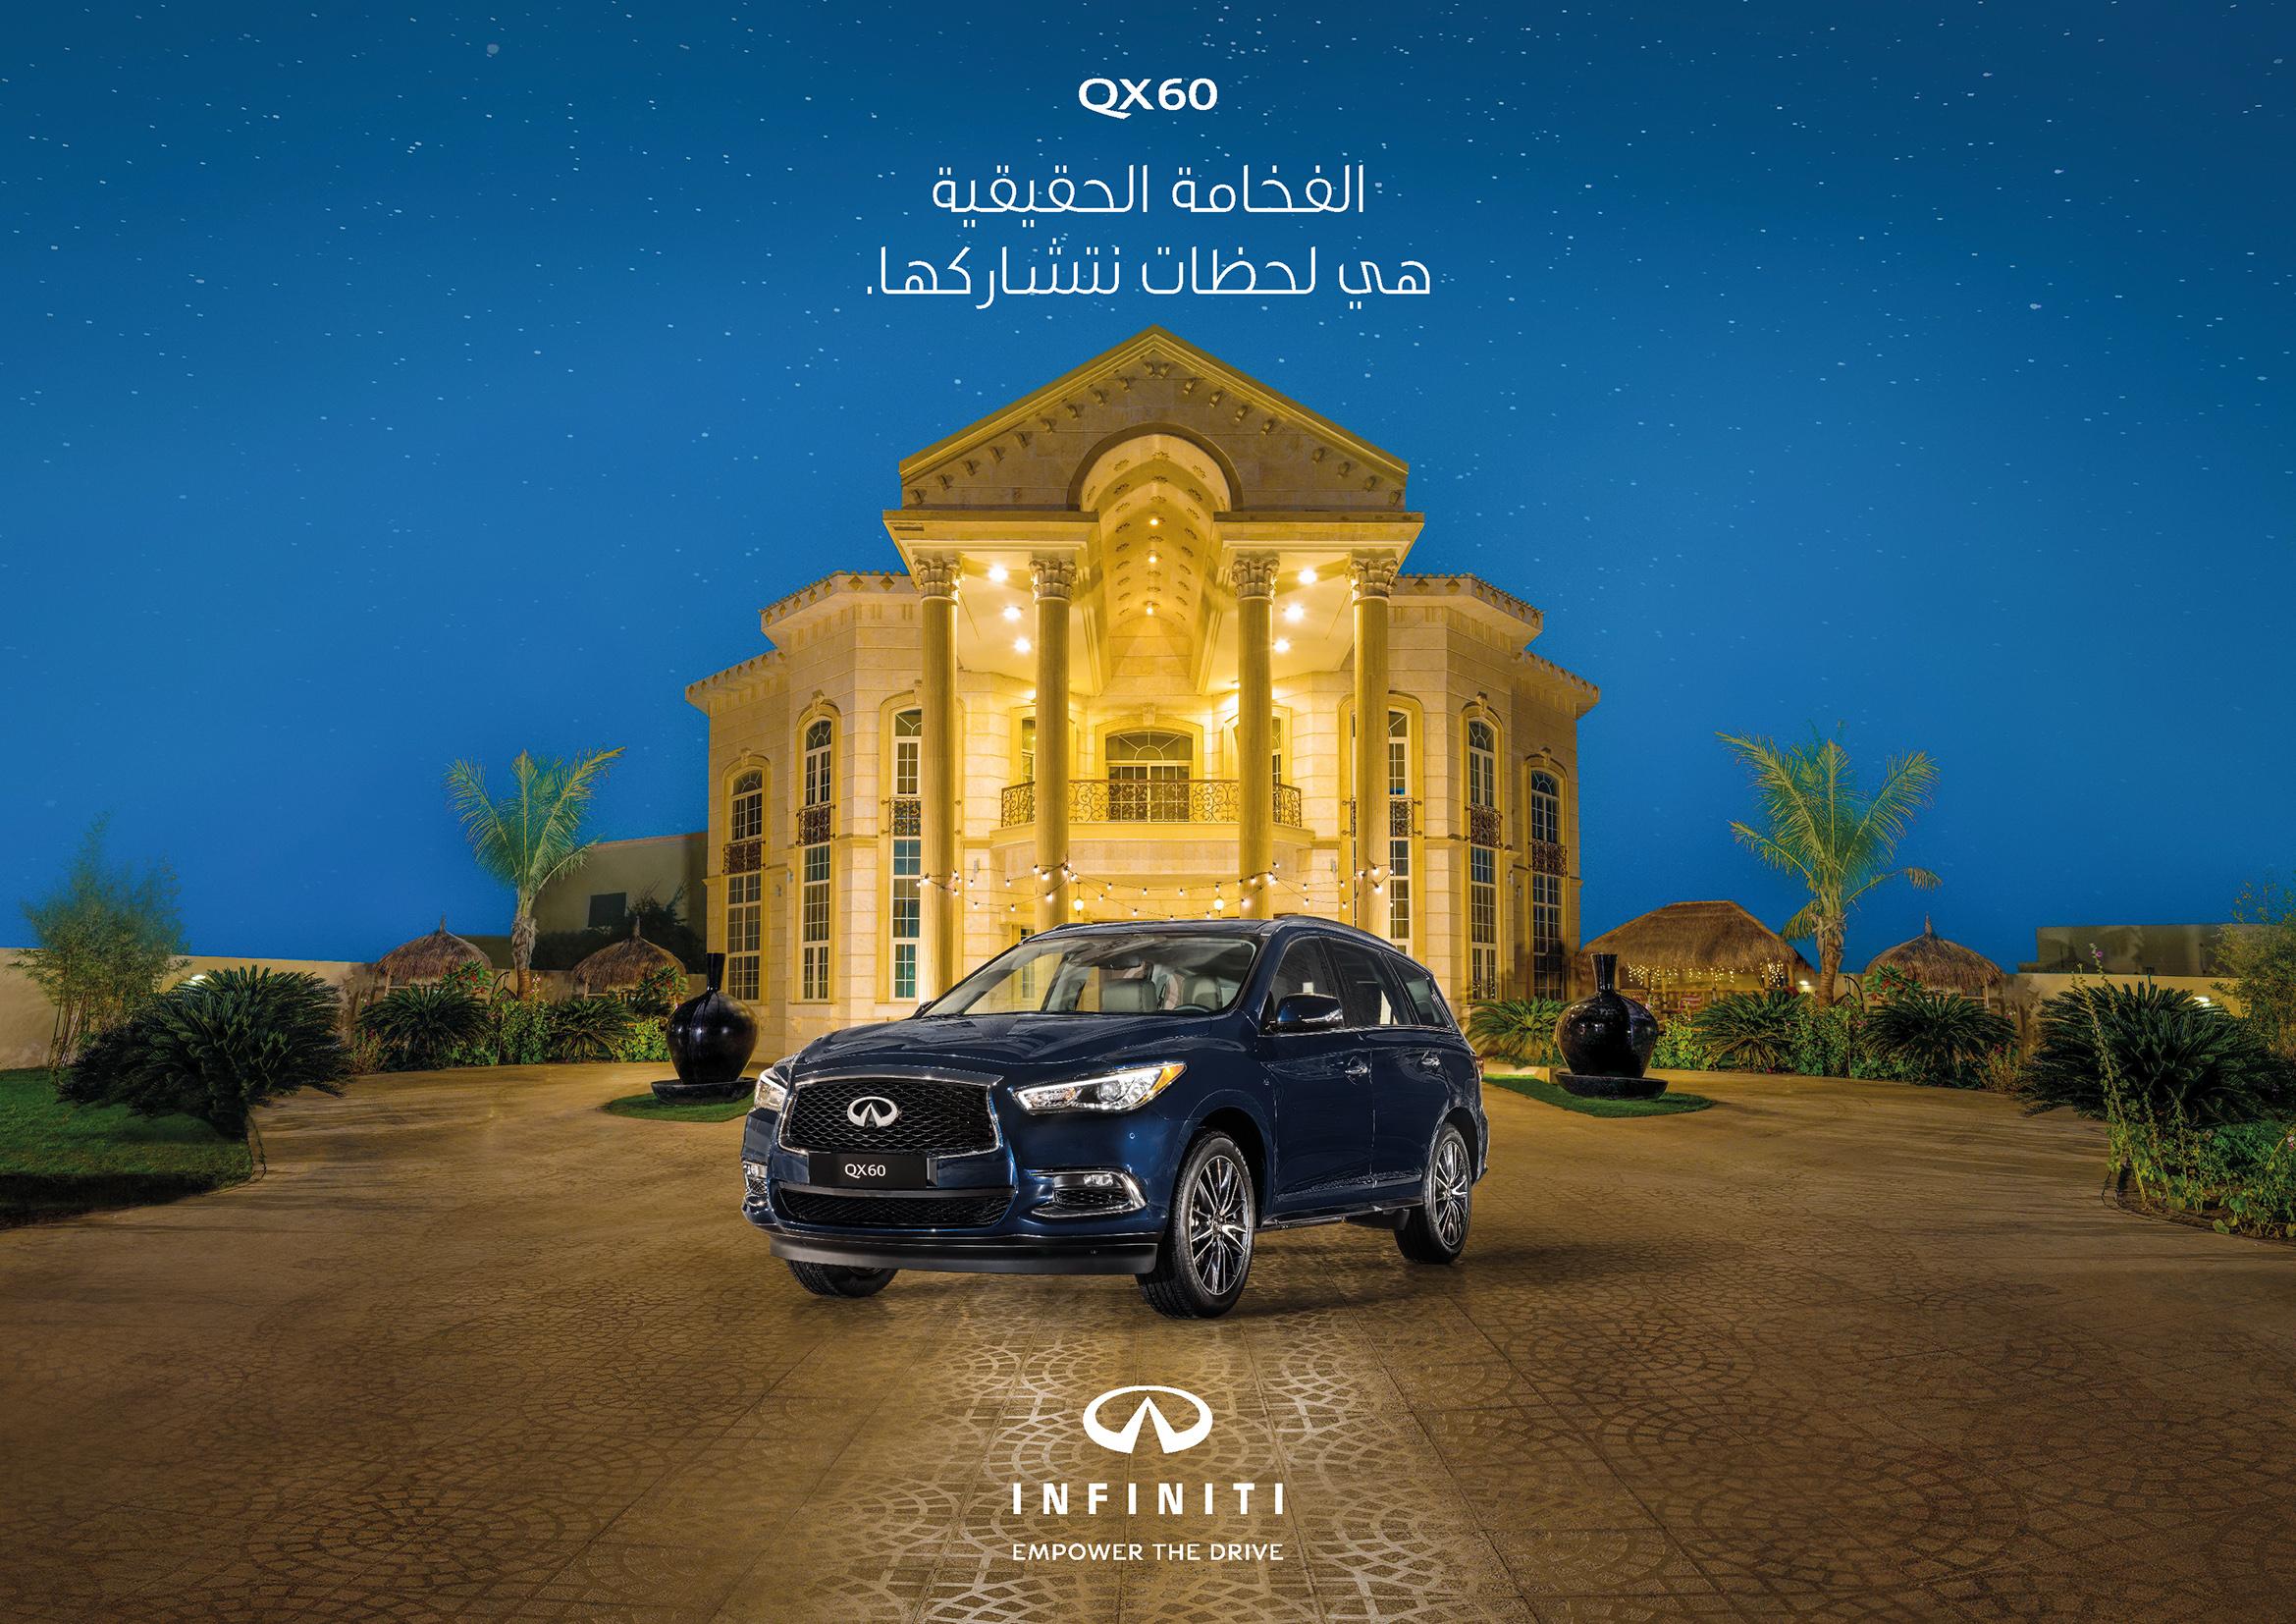 احصل على عرض خاص على السيارة الرياضية العائلية إنفينيتي QX60